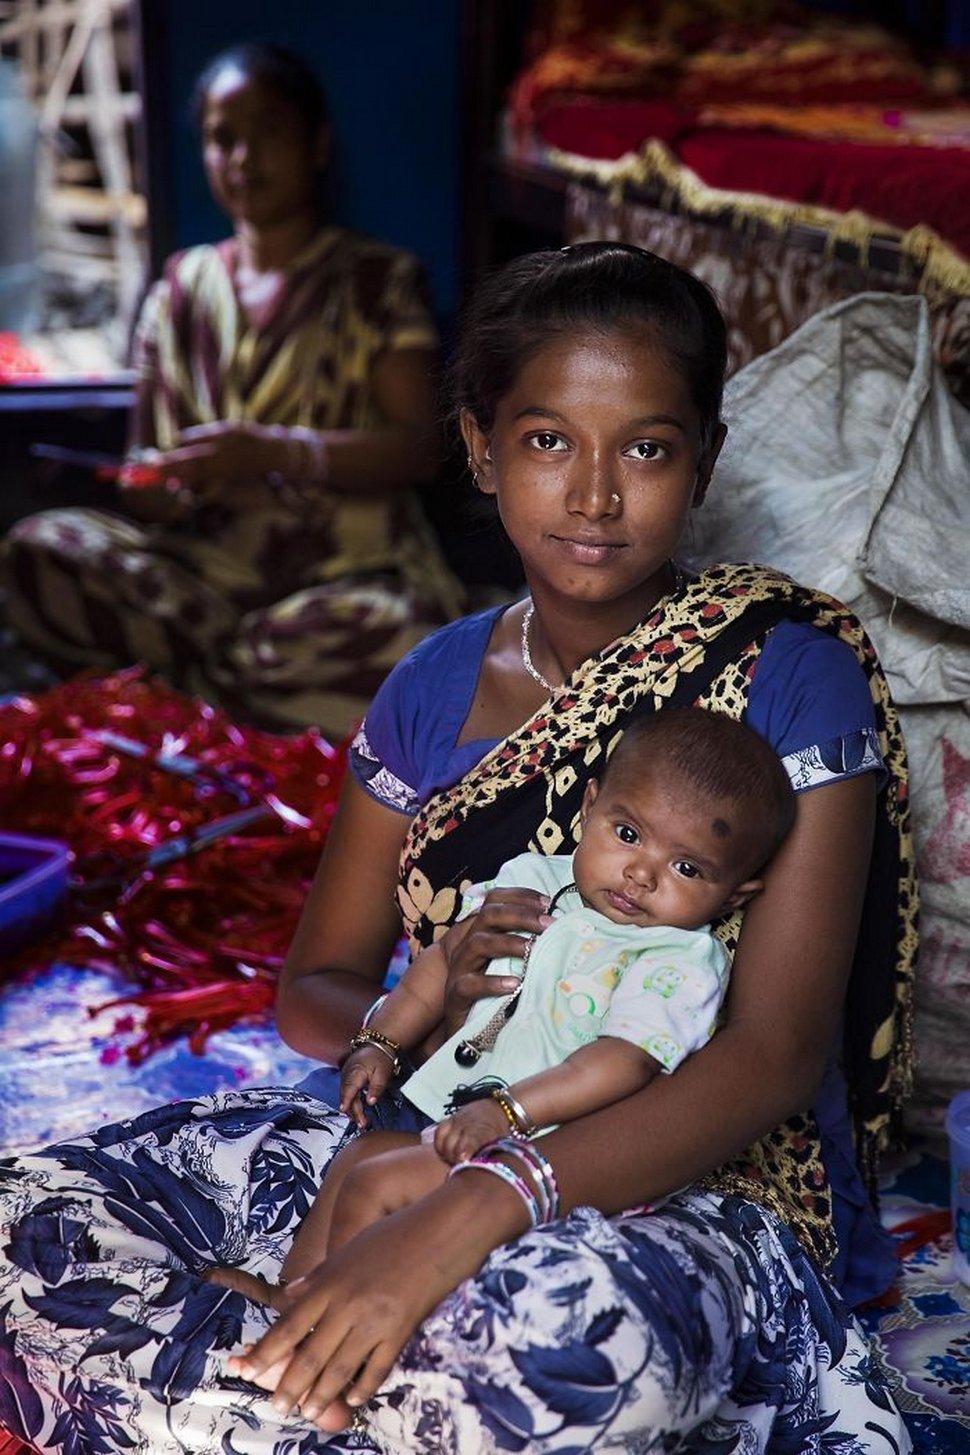 Cette photographe présente la beauté de la maternité en 26 clichés capturés à travers le monde